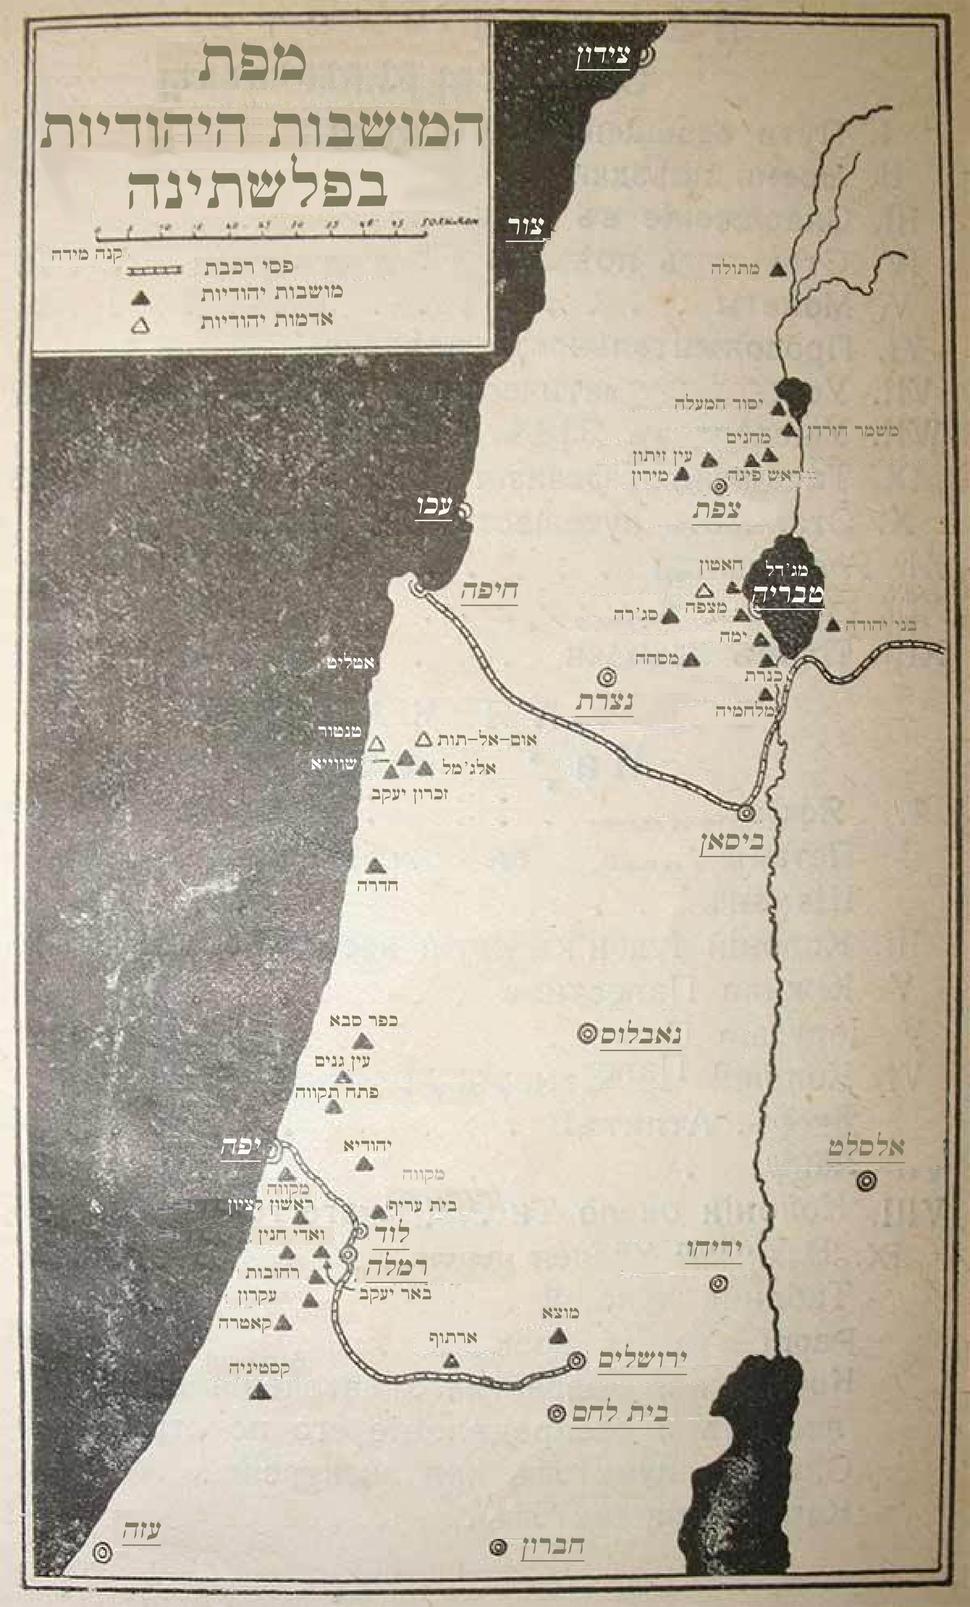 מפת המושבות היהודיות